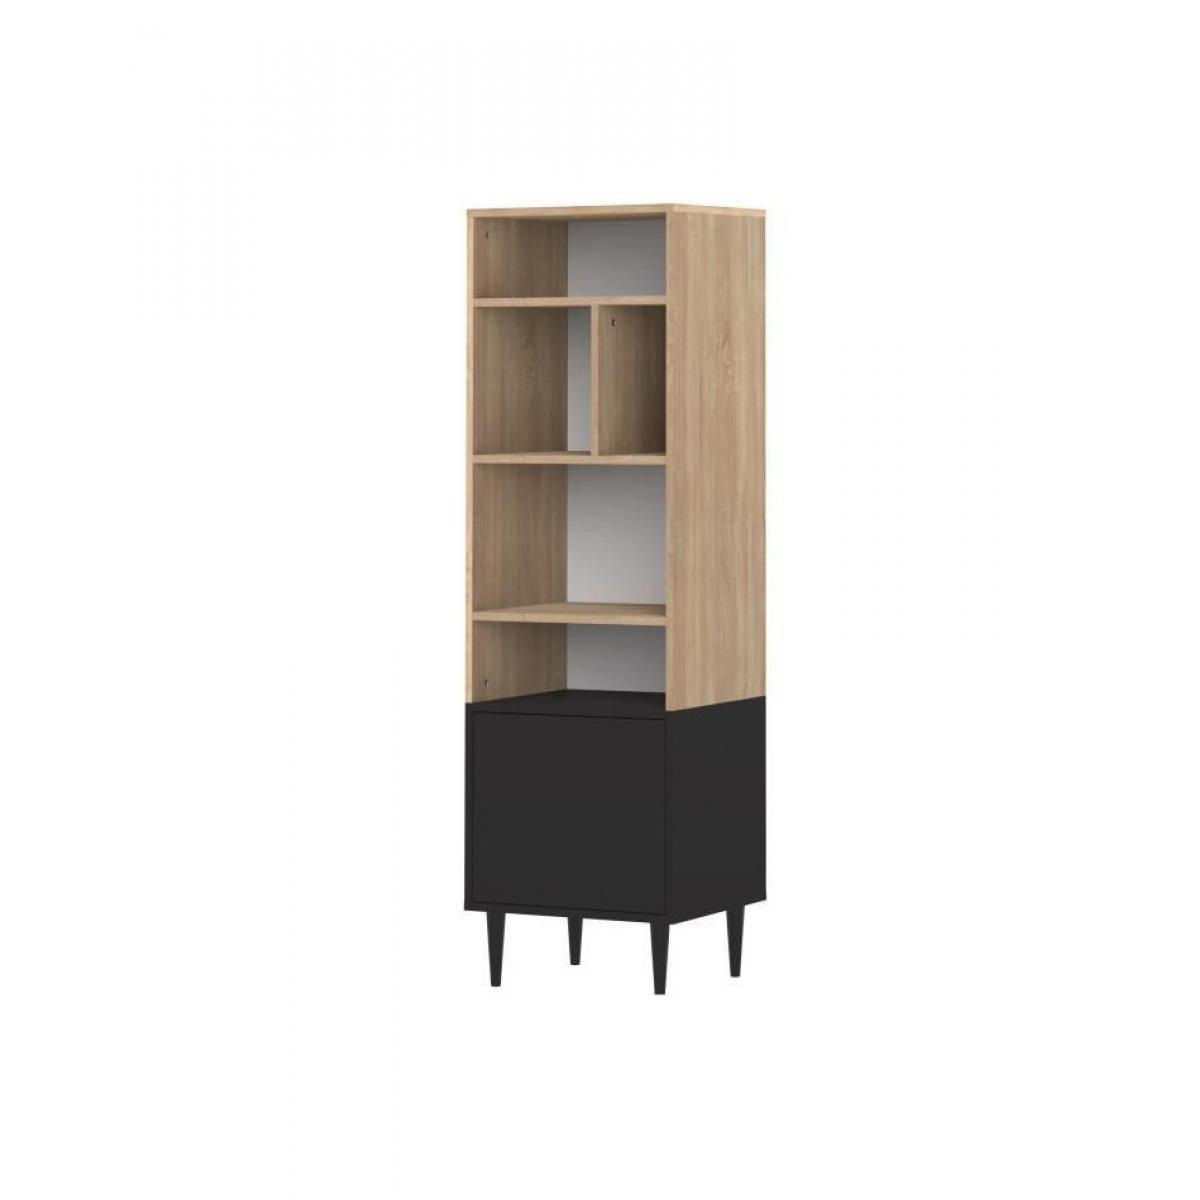 Symbiosis SYMBIOSIS Bibliotheque HORIZON style contemporain - Décor chene naturel et noir - L 46,55 cm